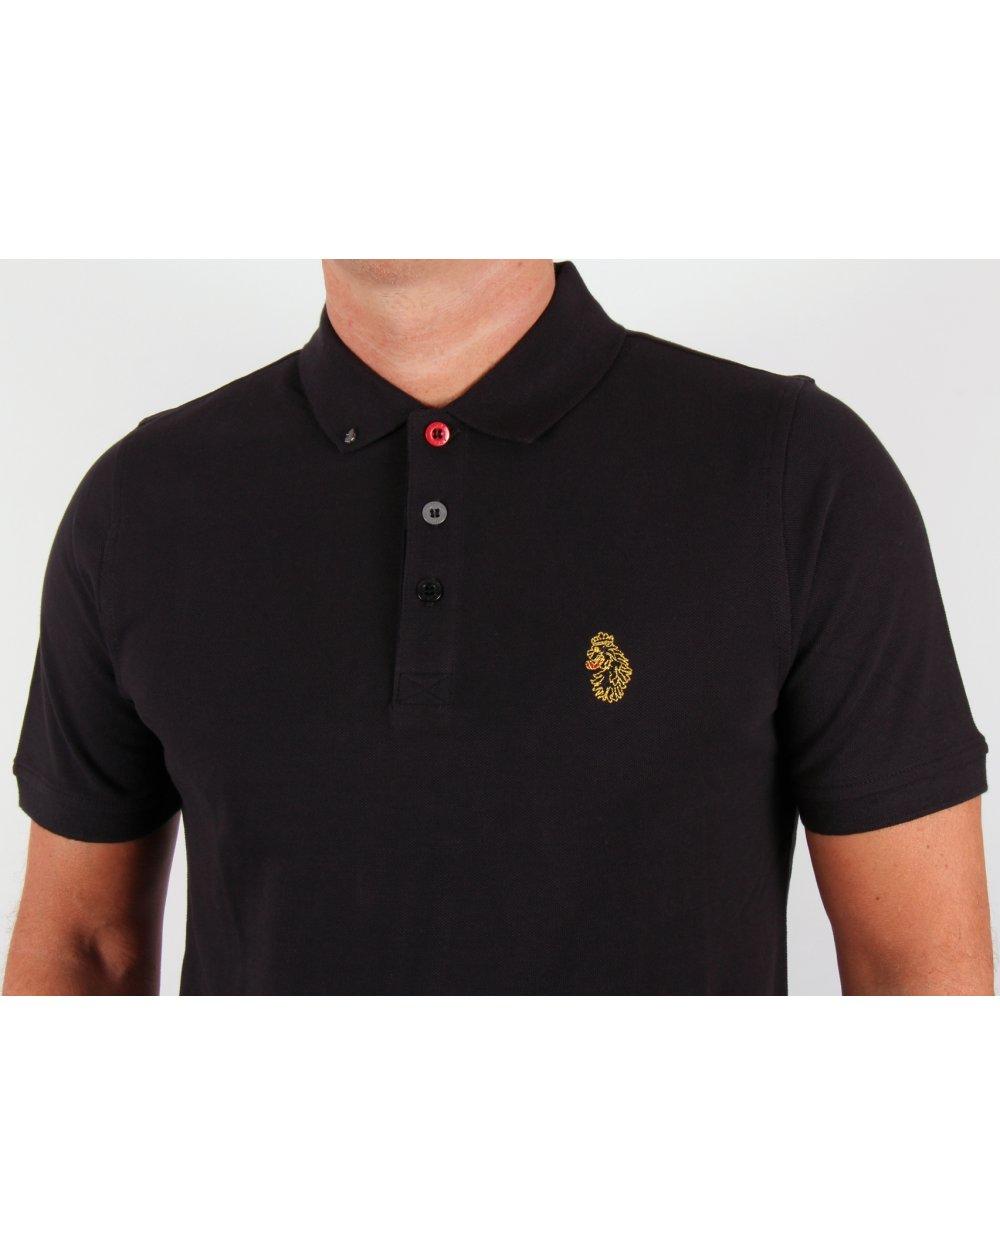 Luke 1977 Polo Shirt Mens